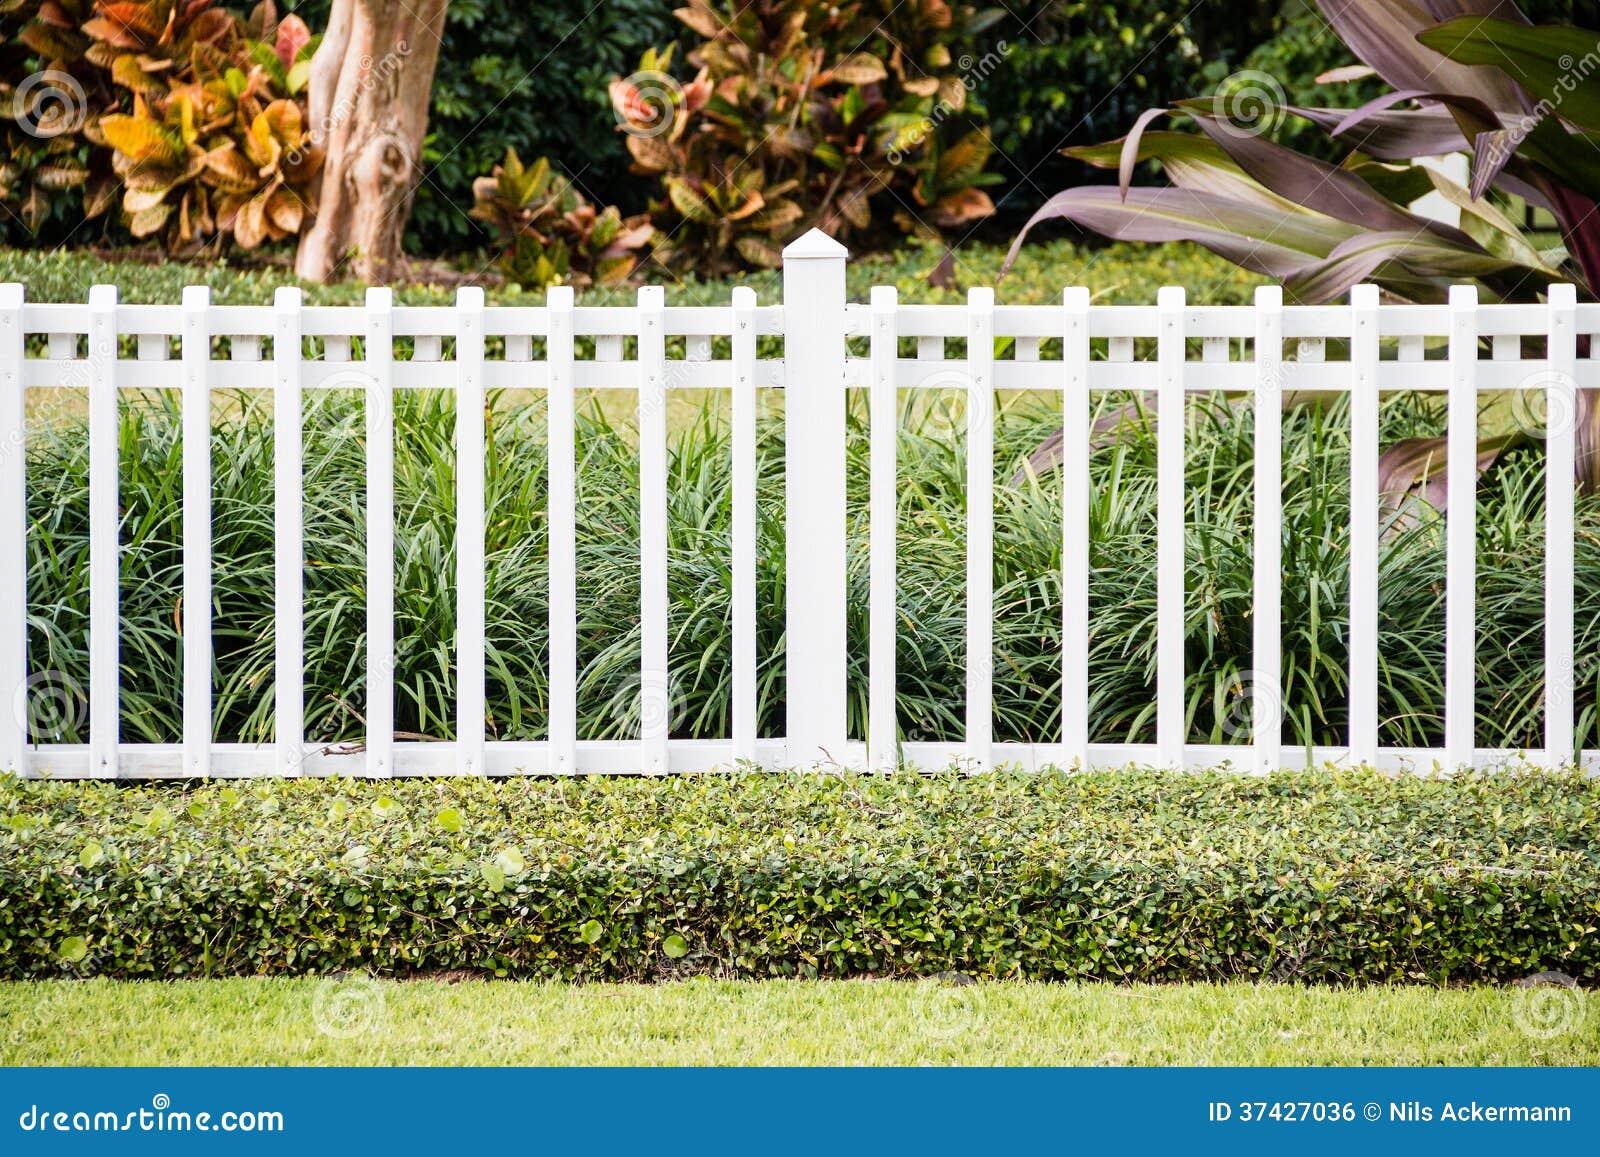 ein weißer zaun vor einem repräsentativhaus stockfoto - bild von